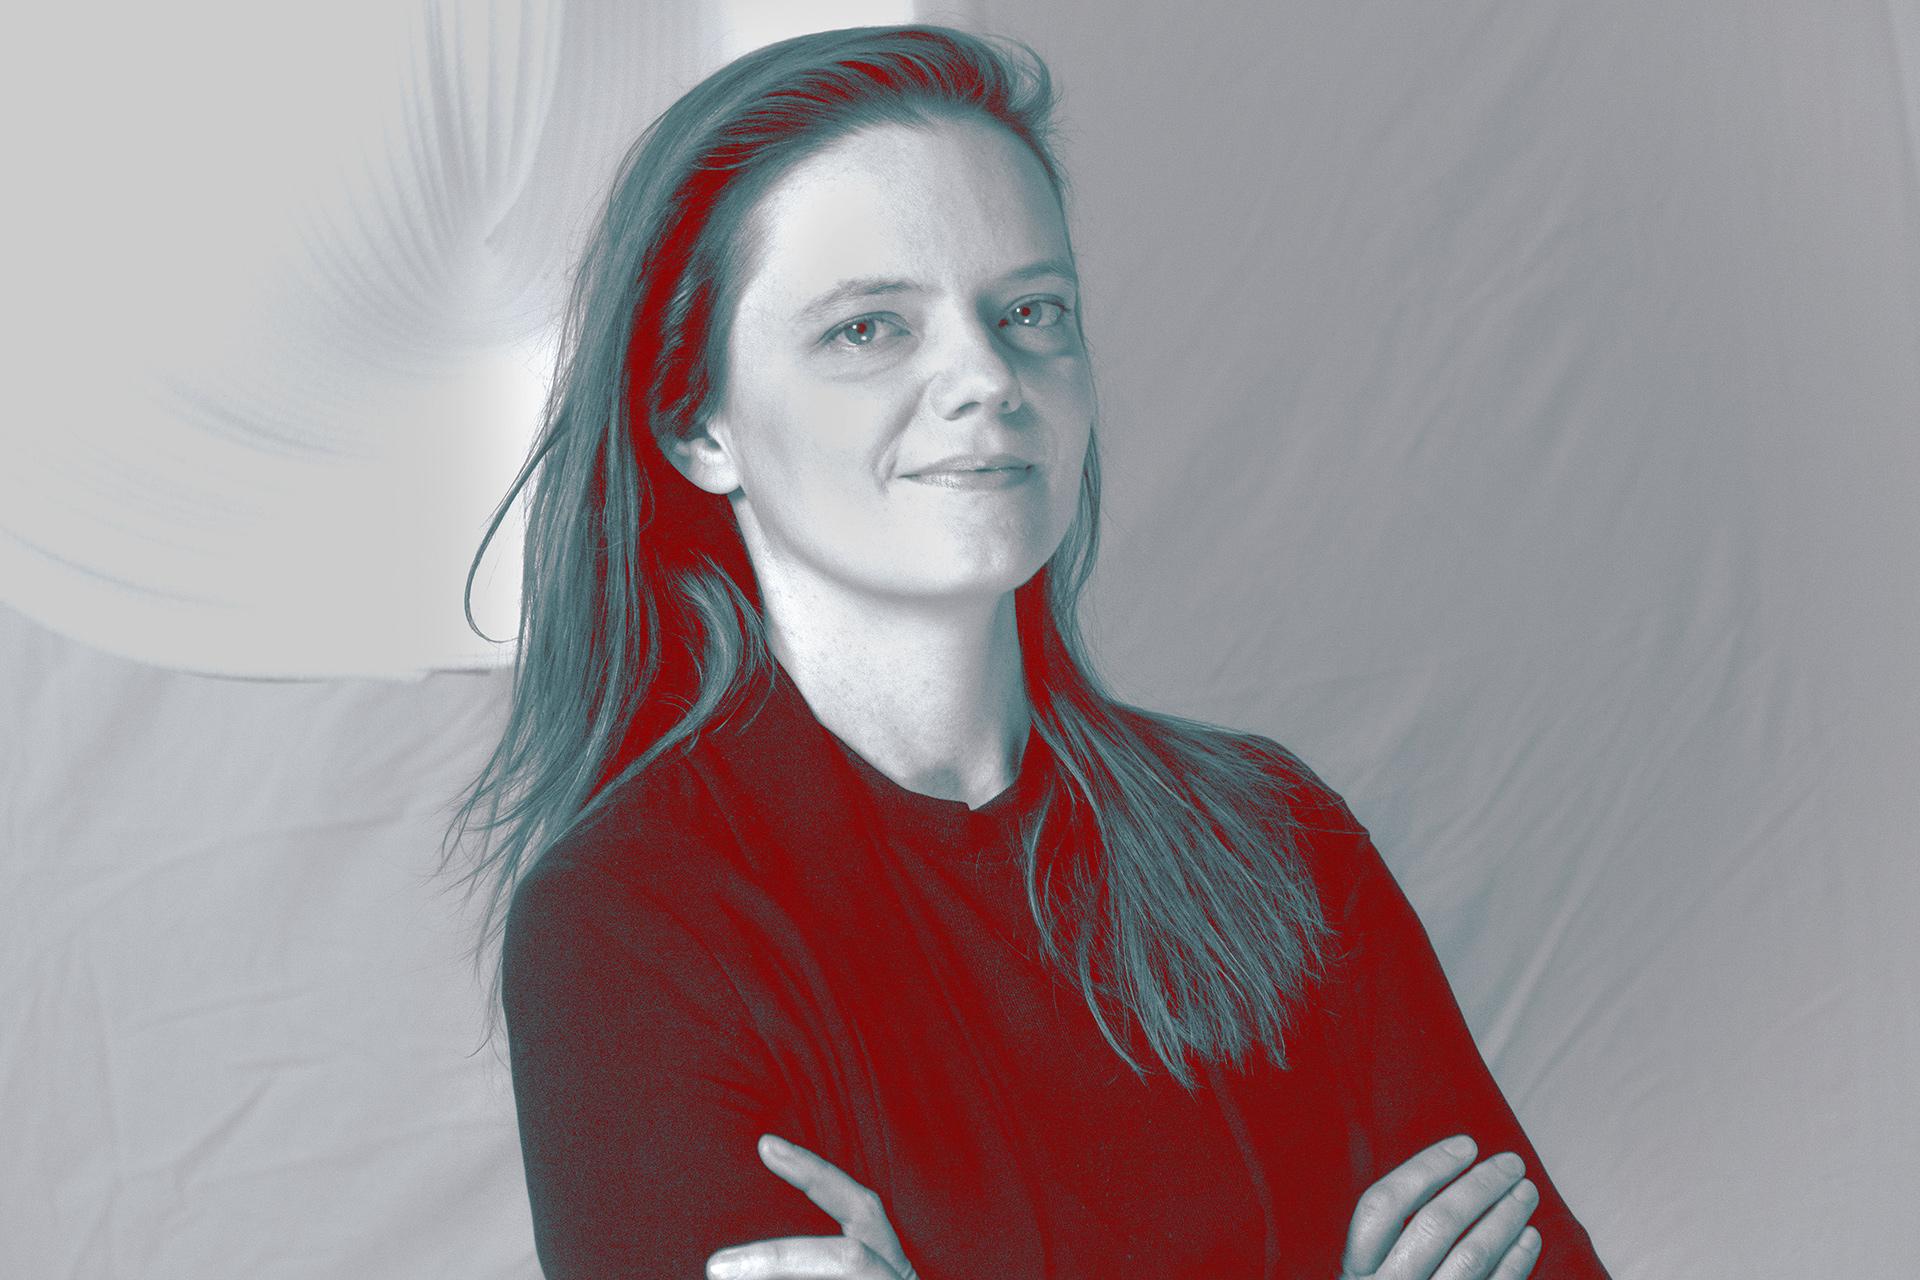 designer Daria Burlińska from DBWT.PL Studio